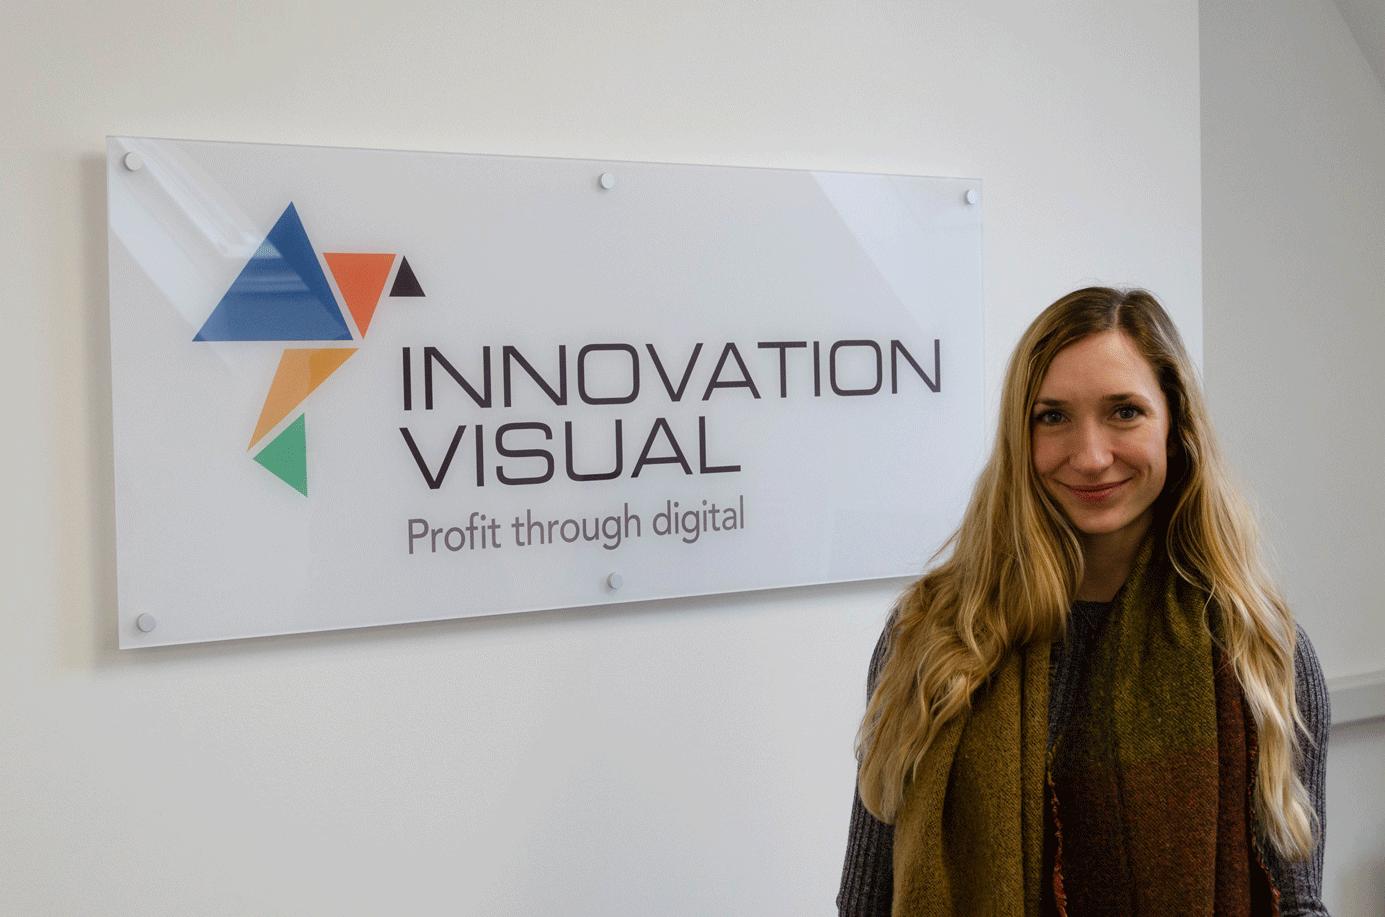 Miriam Gooch, Digital Marketing Executive for Innovation Visual in front of Innovation Visual Logo